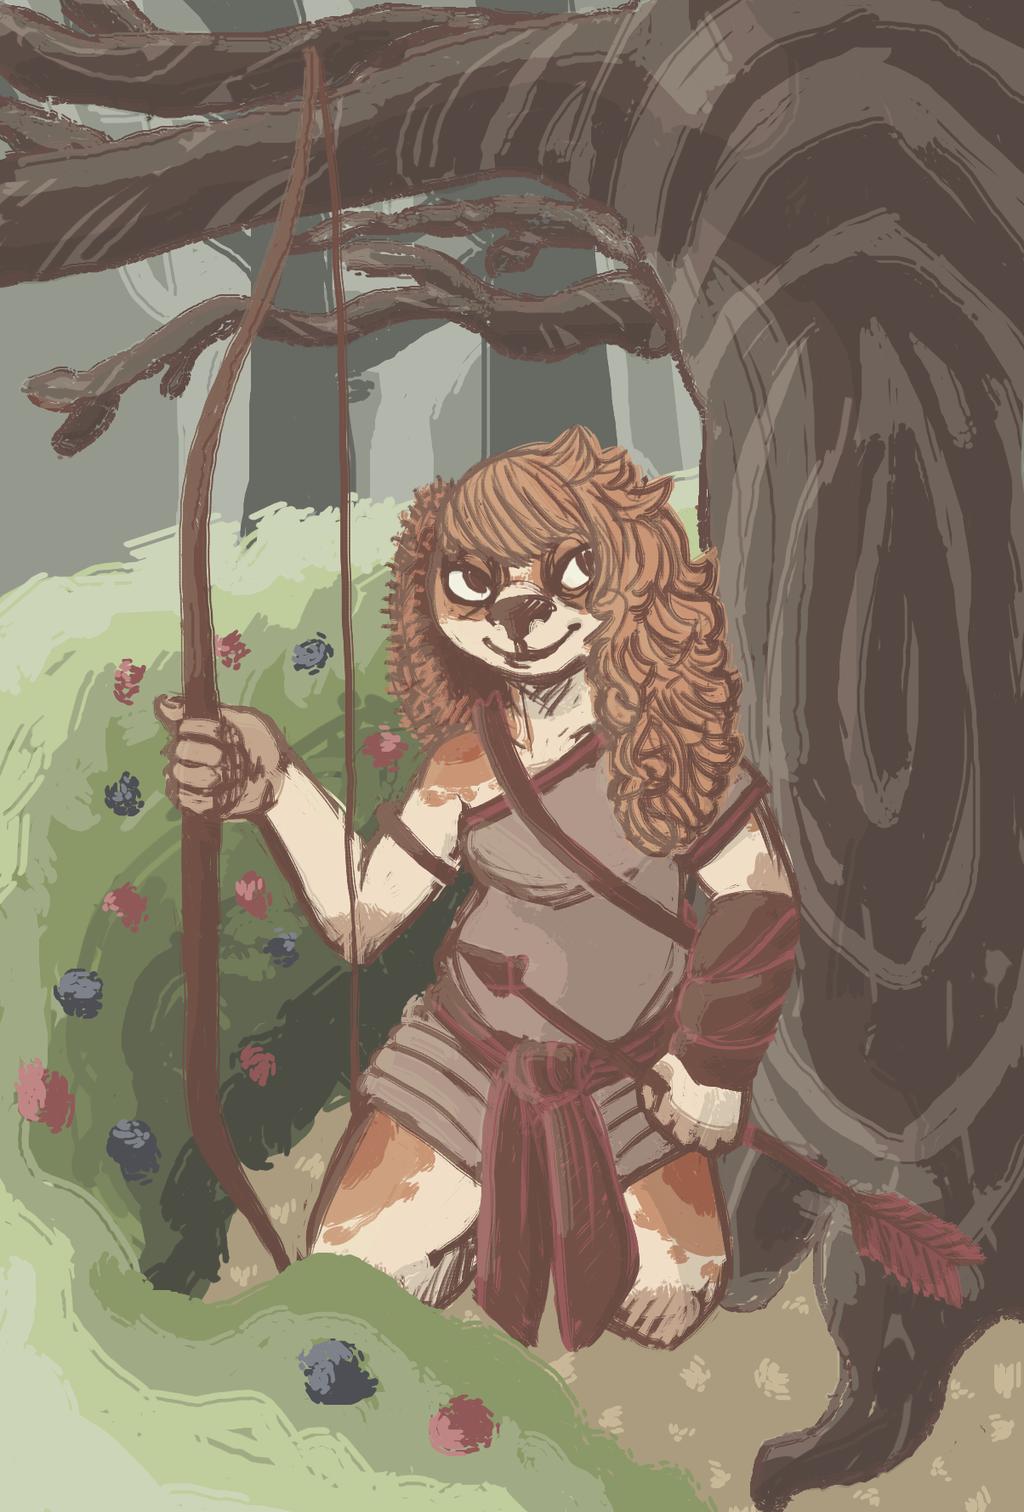 Andry, Warrior Queen